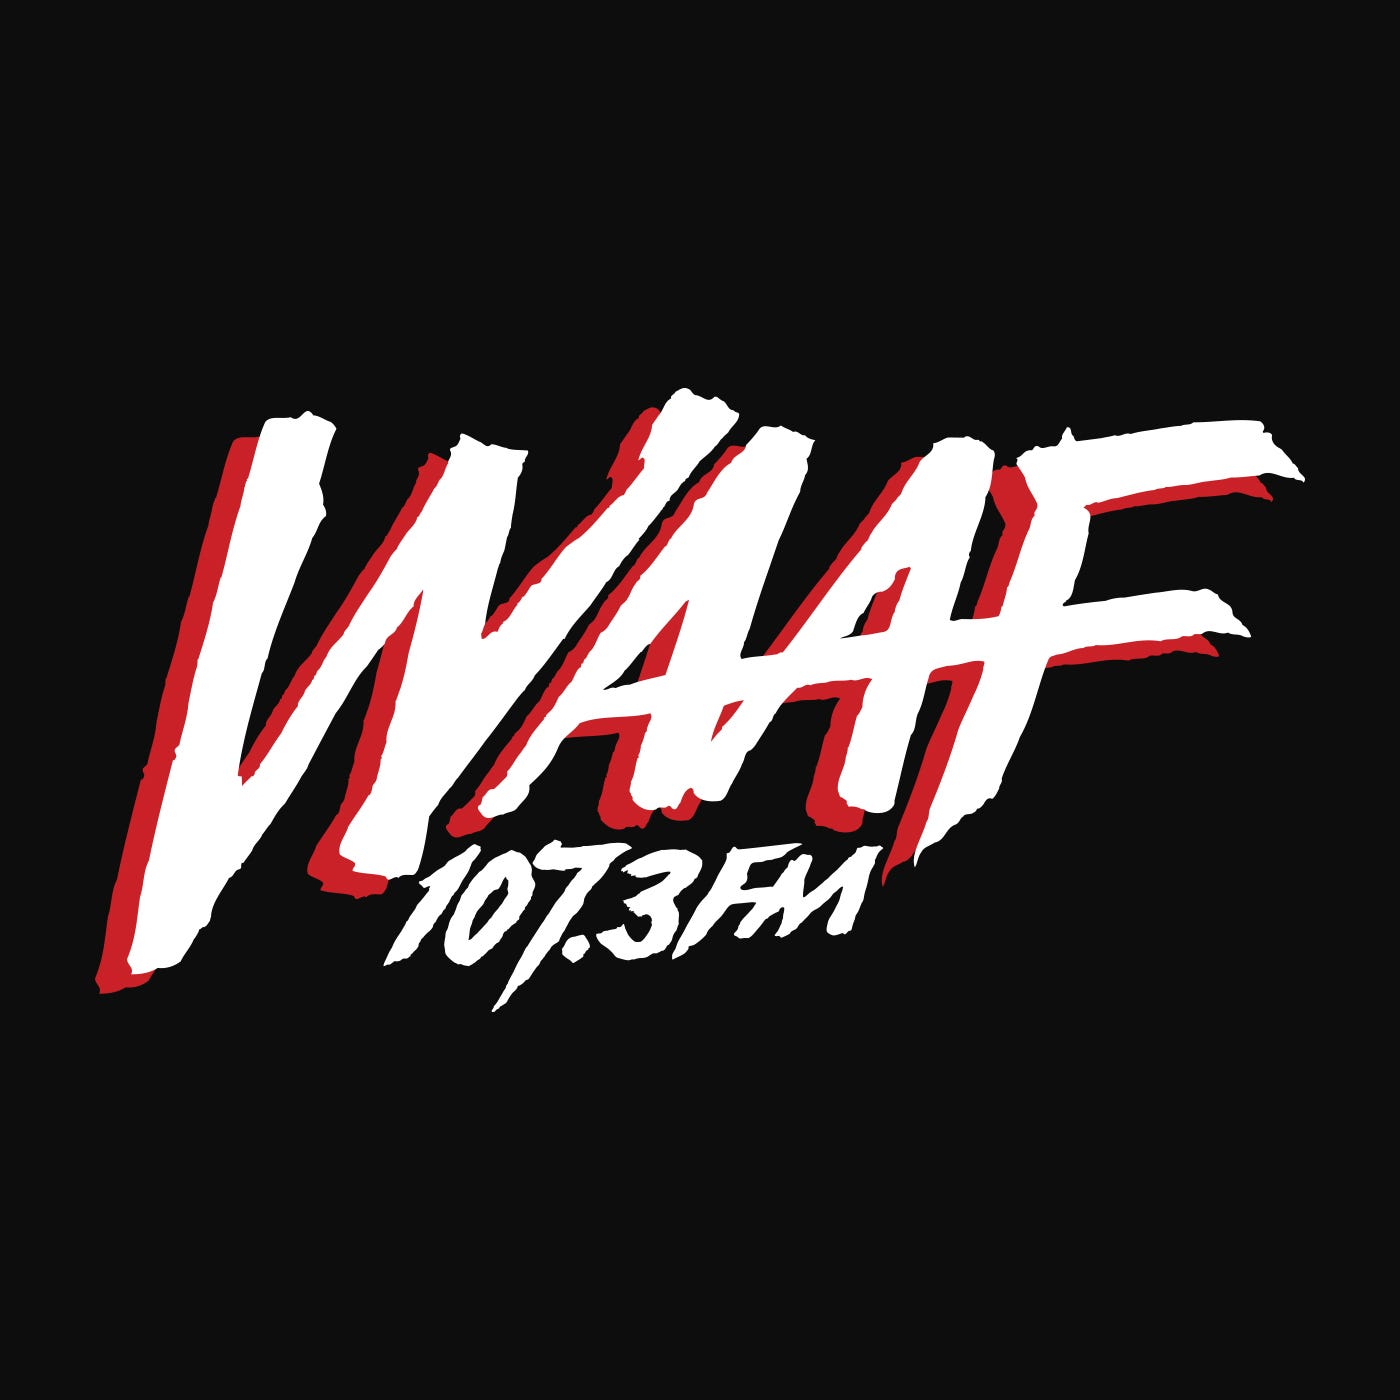 WAAF 107.3